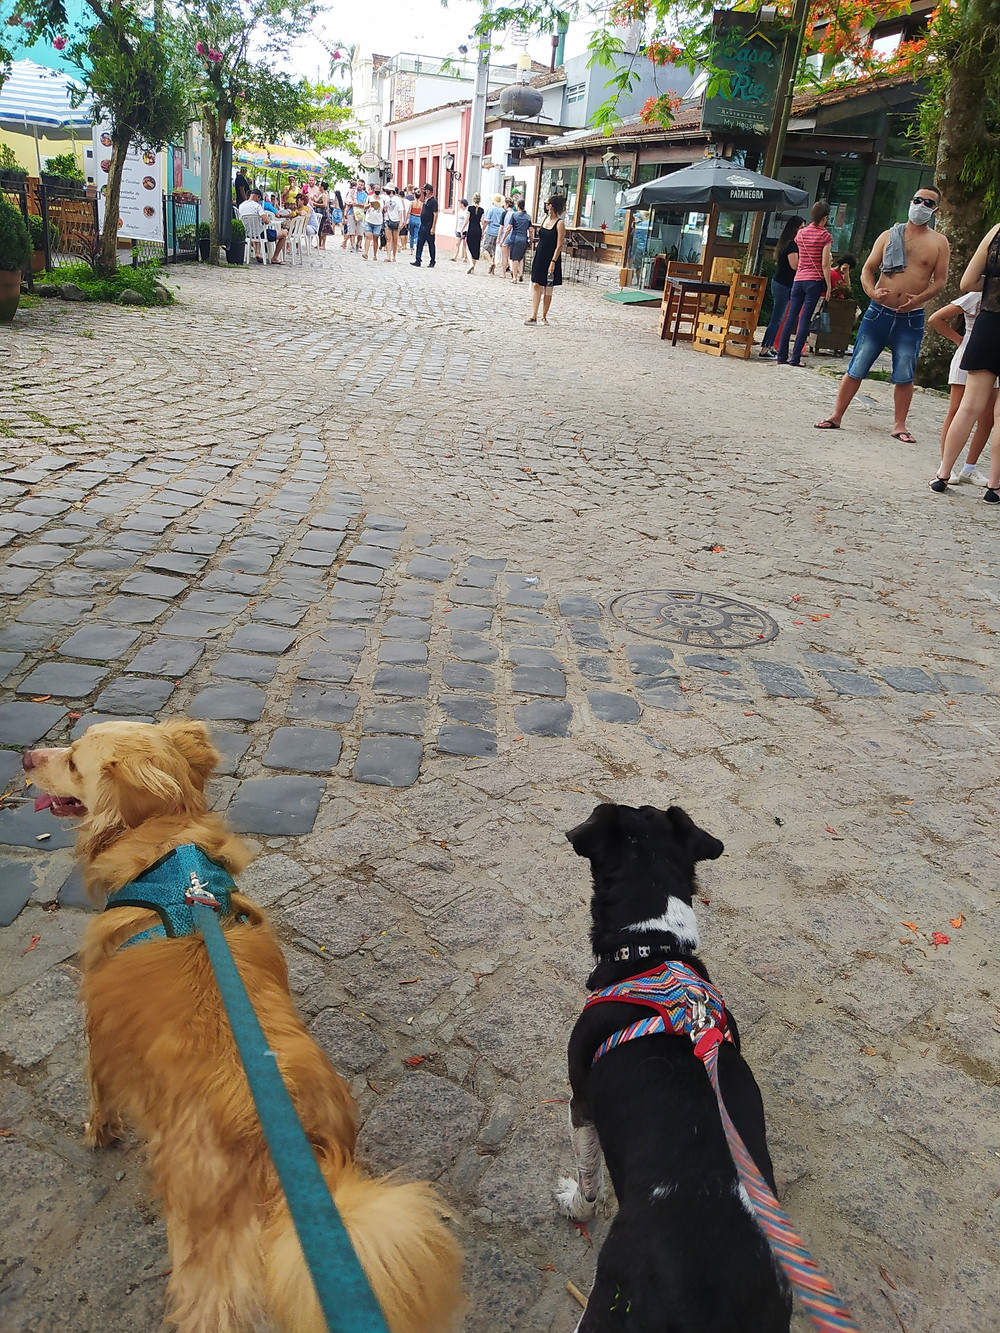 passeio com cachorro, passear com cachorro, cachorro passeando